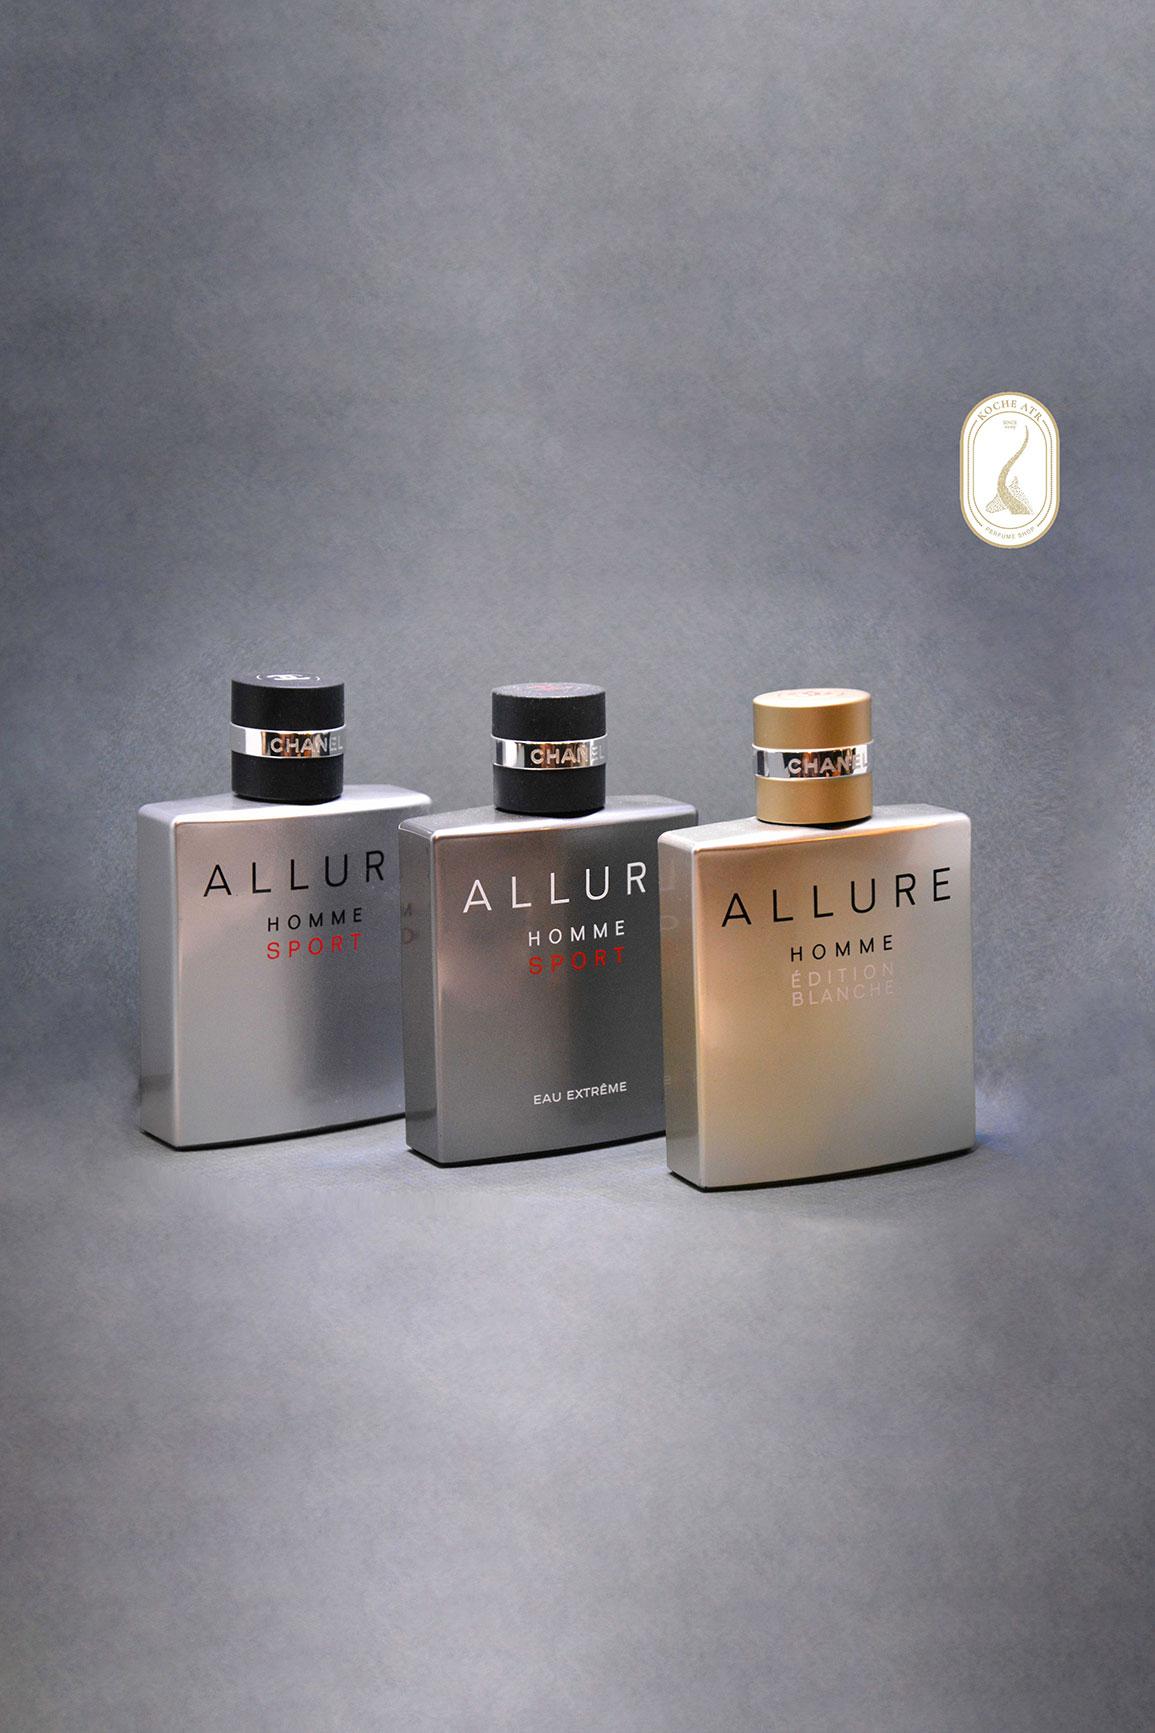 کوچه عطر ، معتبرترین فروشگاه عطر و ادکلن زنانه و مردانه